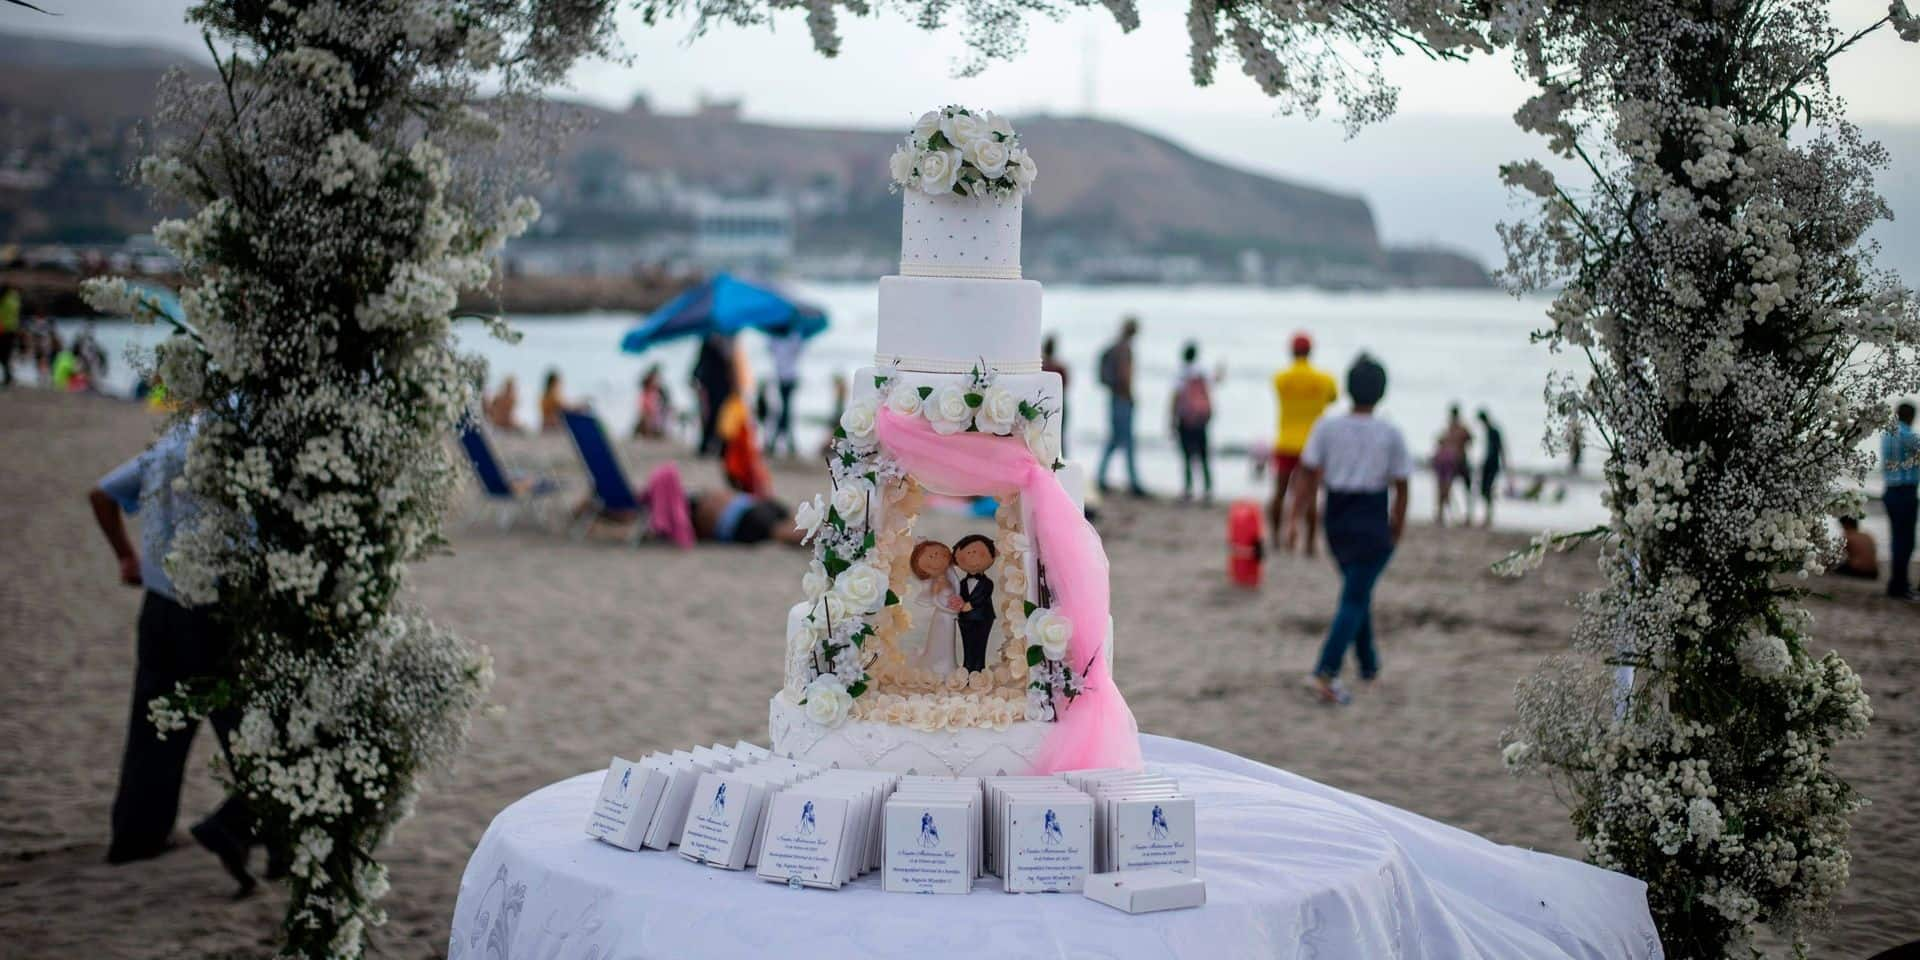 Se marier avec son ex sans son consentement? Oui, c'est possible!